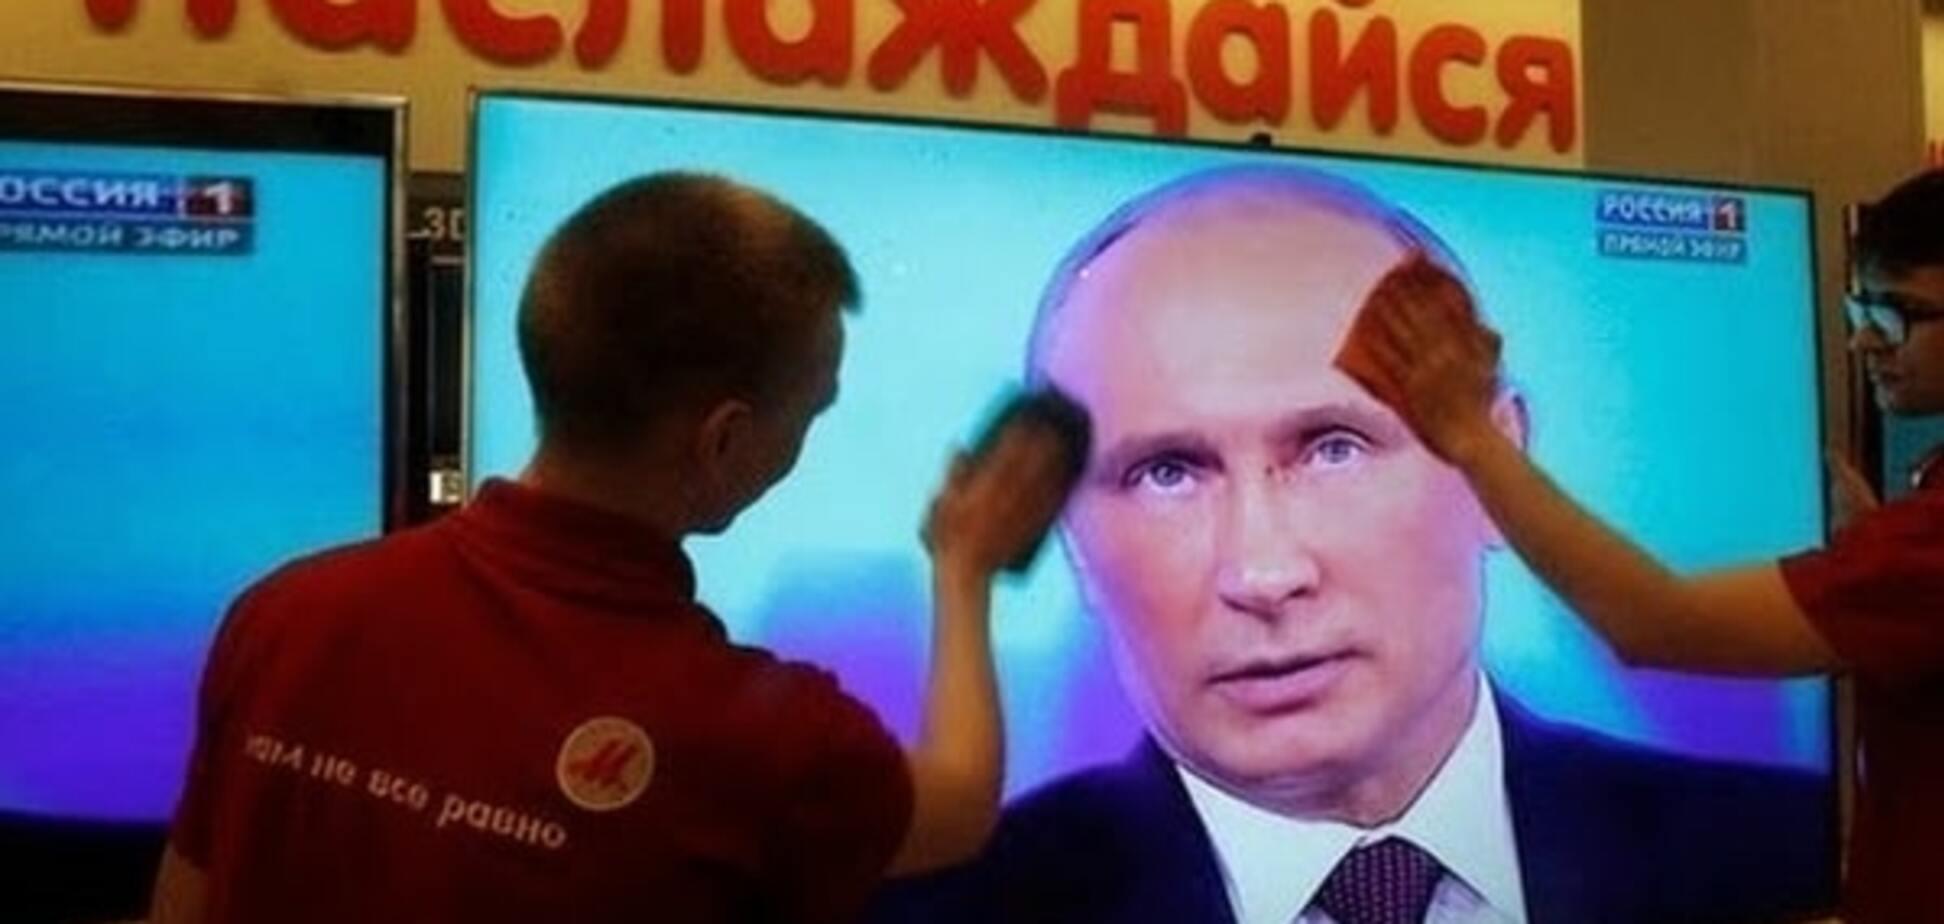 Маразм міцнішав: опубліковано ТОП-5 свіжих 'фейків' російських ЗМІ